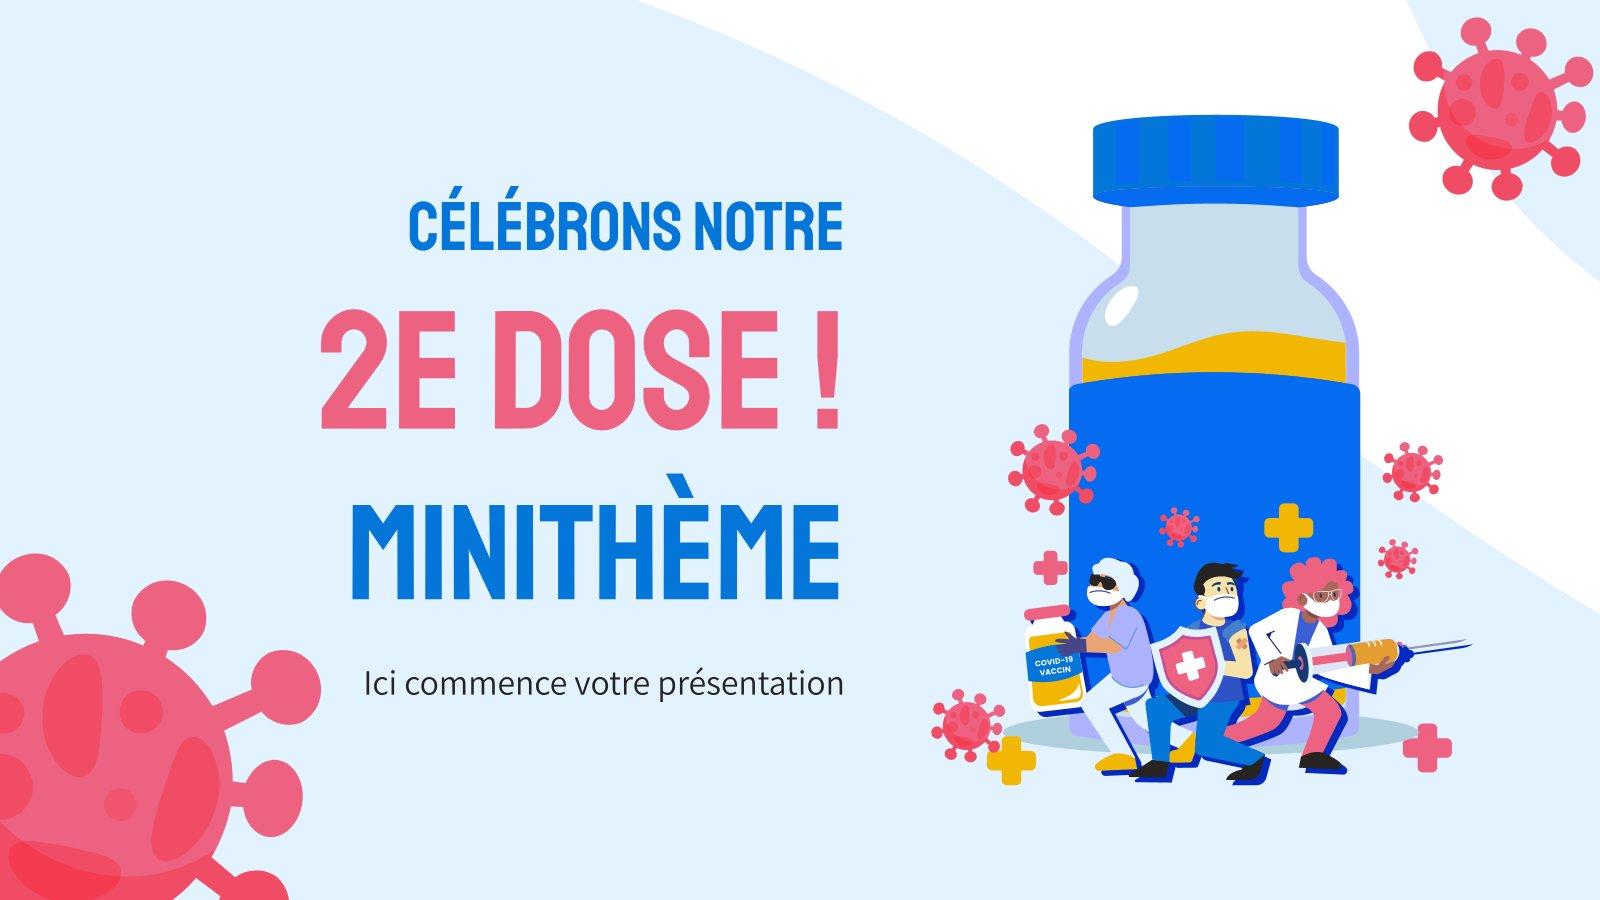 Wir feiern unsere 2. Dosis! Minithema Präsentationsvorlage